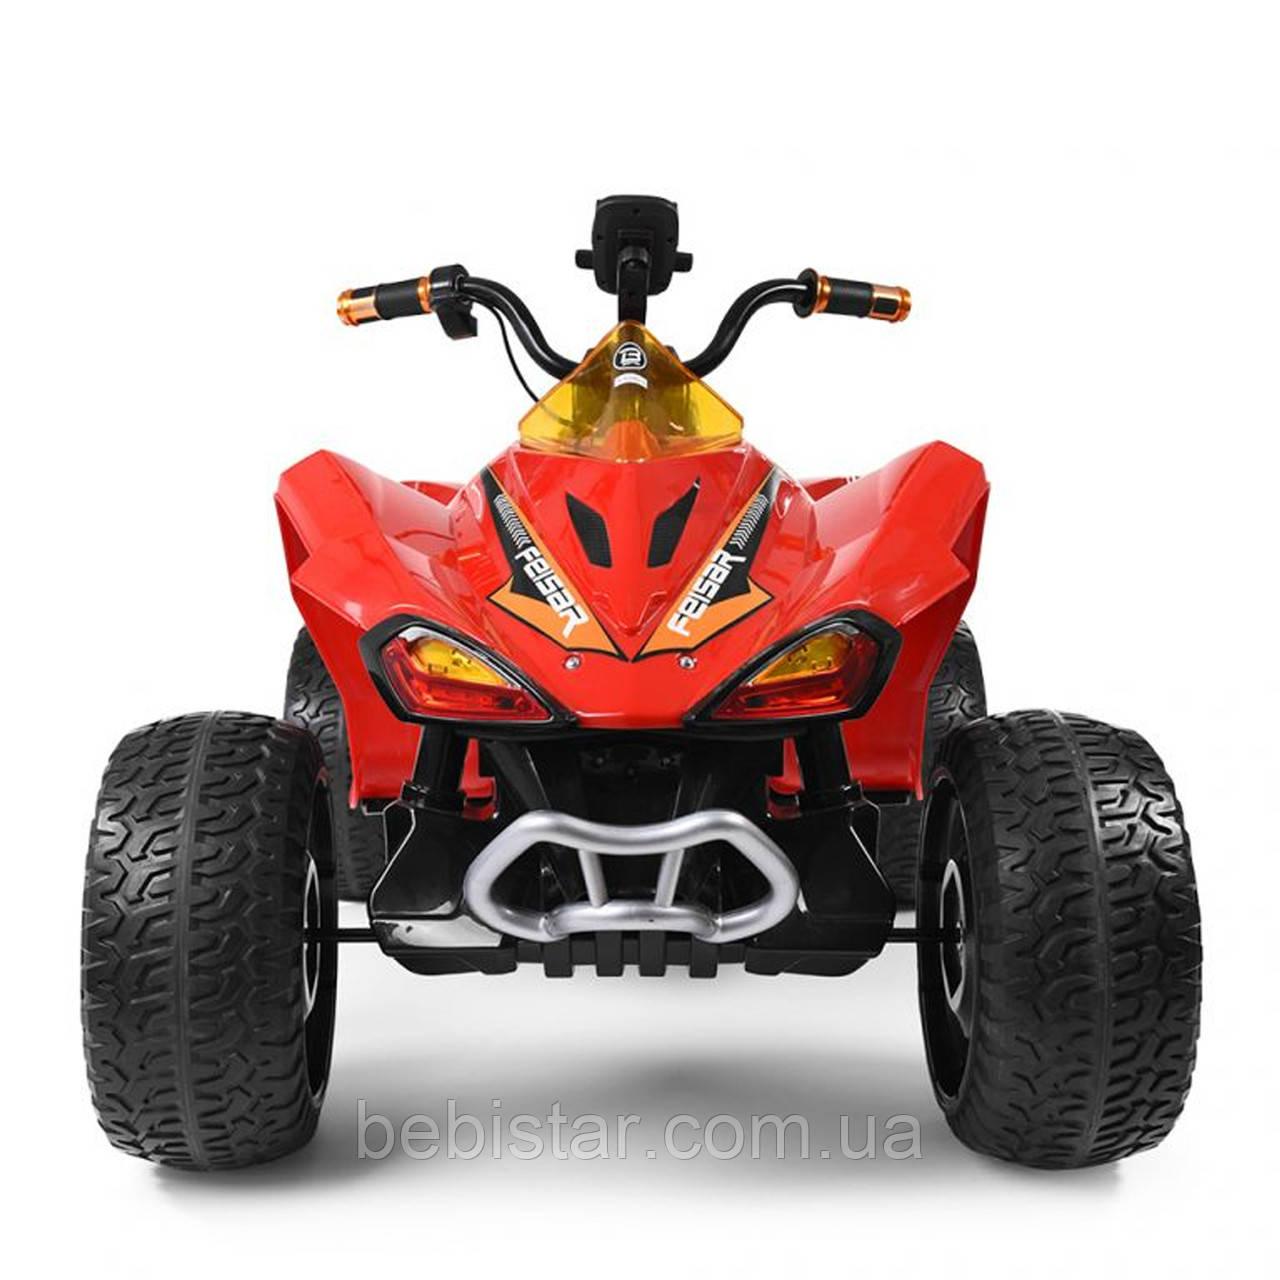 Детский электромобиль-квадроцикл красный M3620EL-3 Red деткам 2-8 лет мотор 2*35W